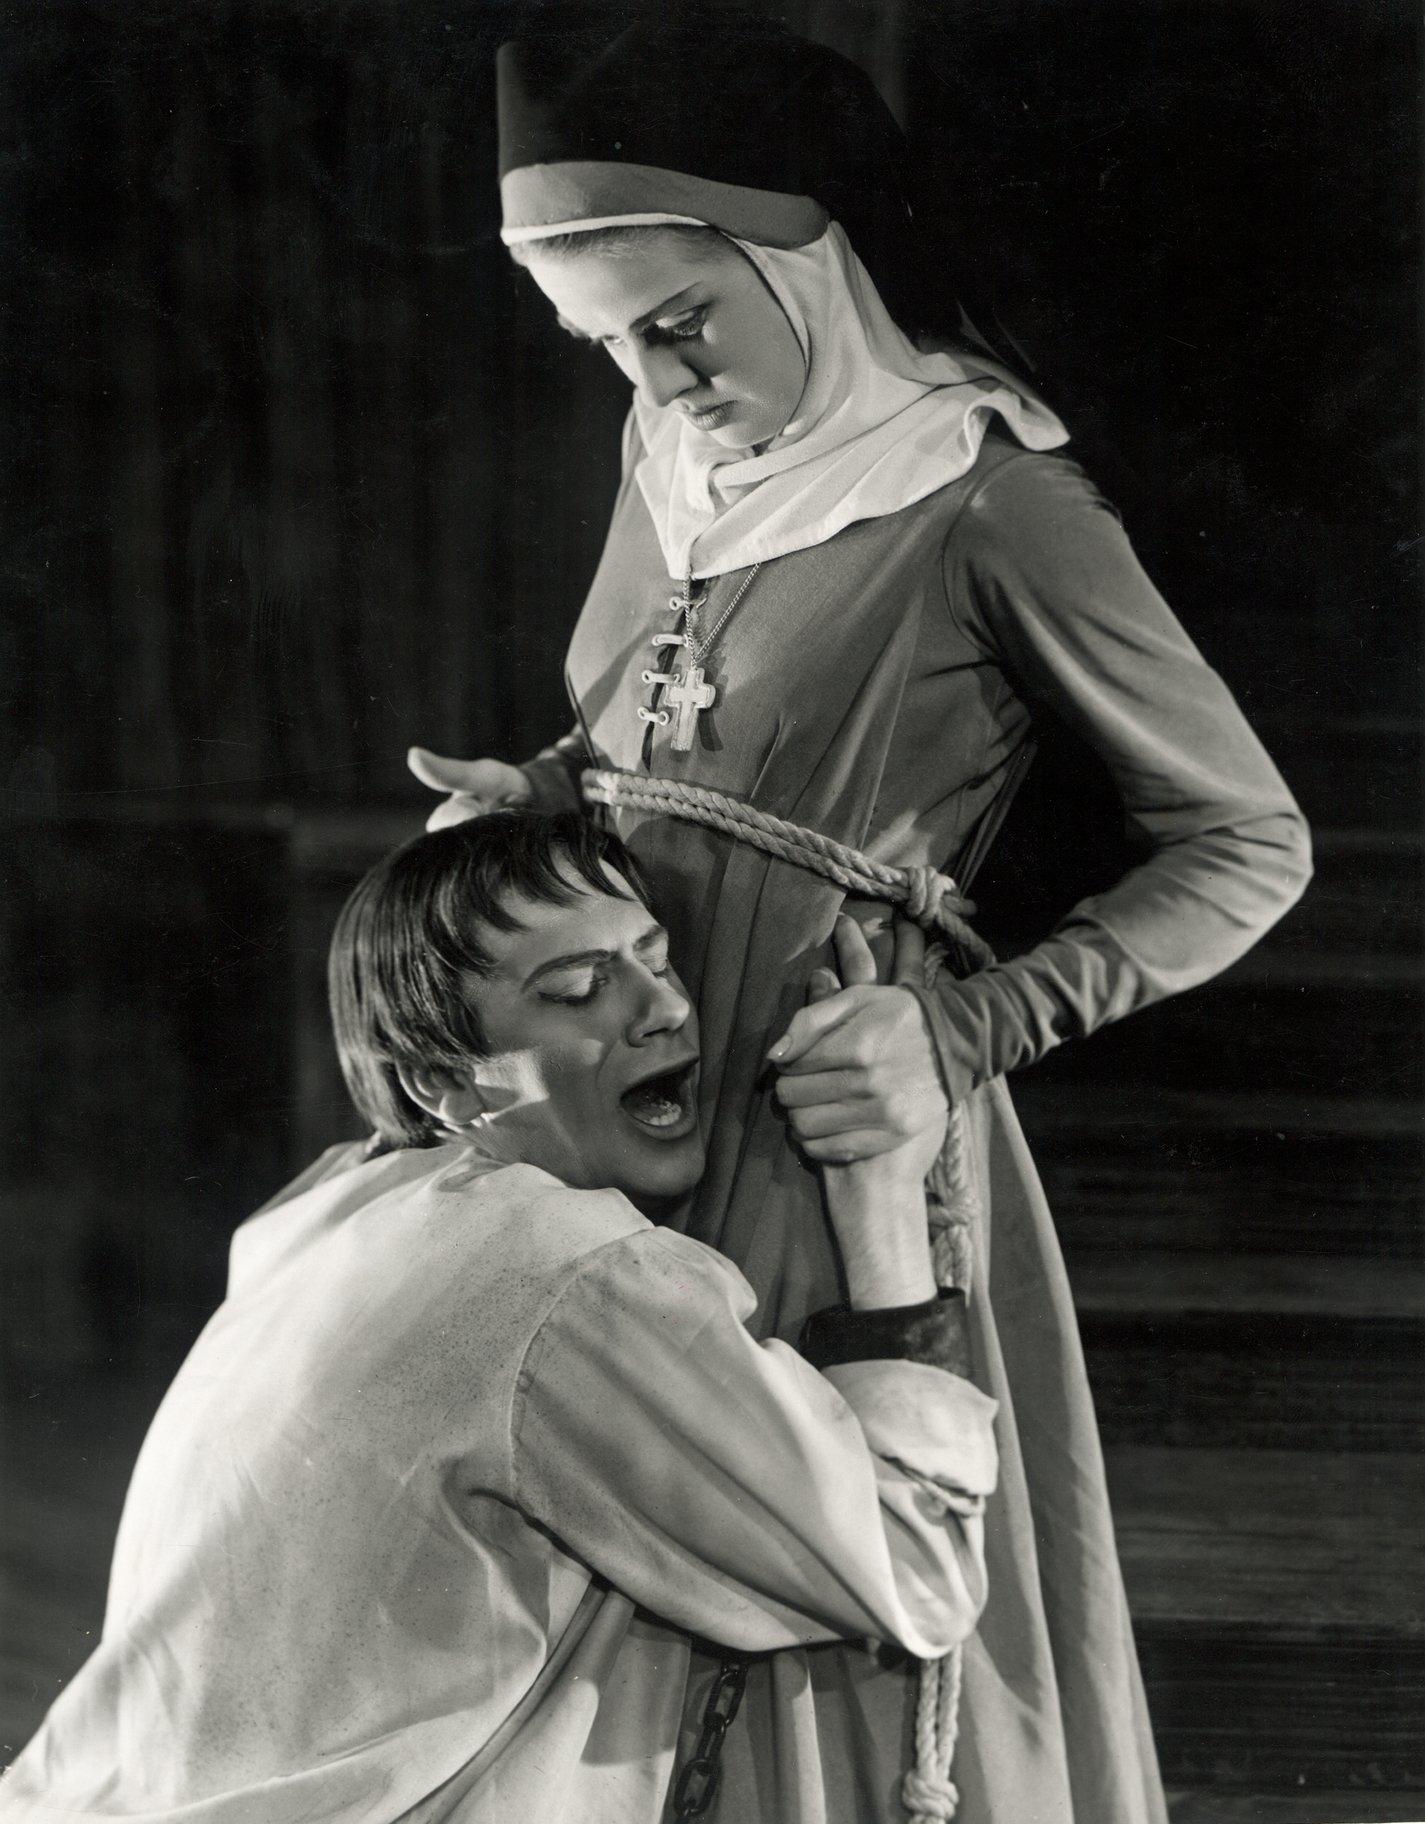 A man hugs tightly to a nun's waist.